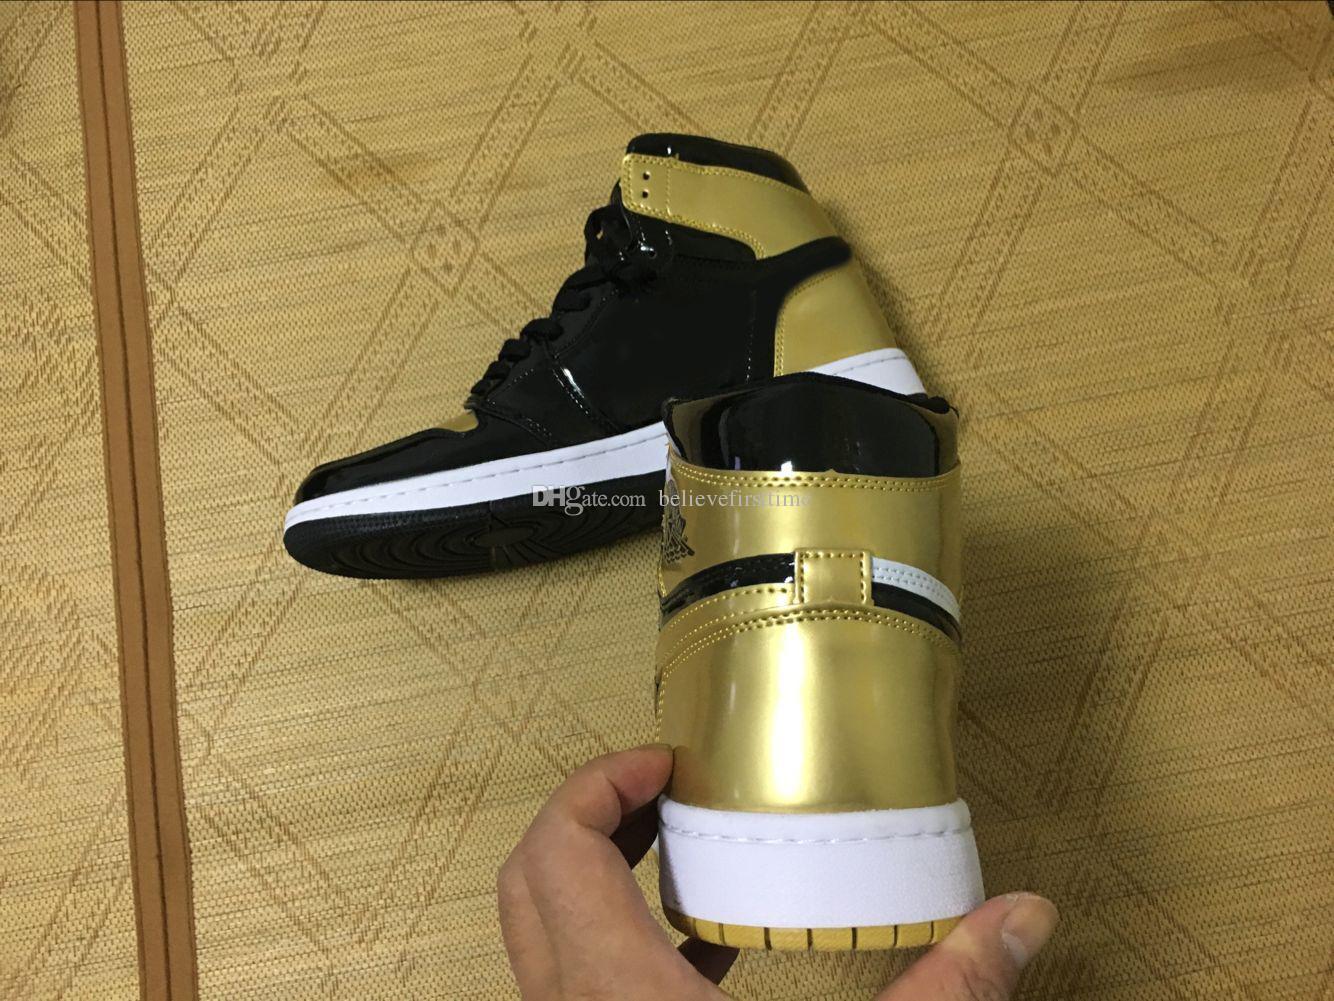 56c20404e4c833 Air Retro 1 I High OG NRG Black White Gold Top 3 ComplexCon 861428 001 Mens  Basketball Shoes J1 Man Sports Sneakers With Box Sports Shoes Basketball  From ...